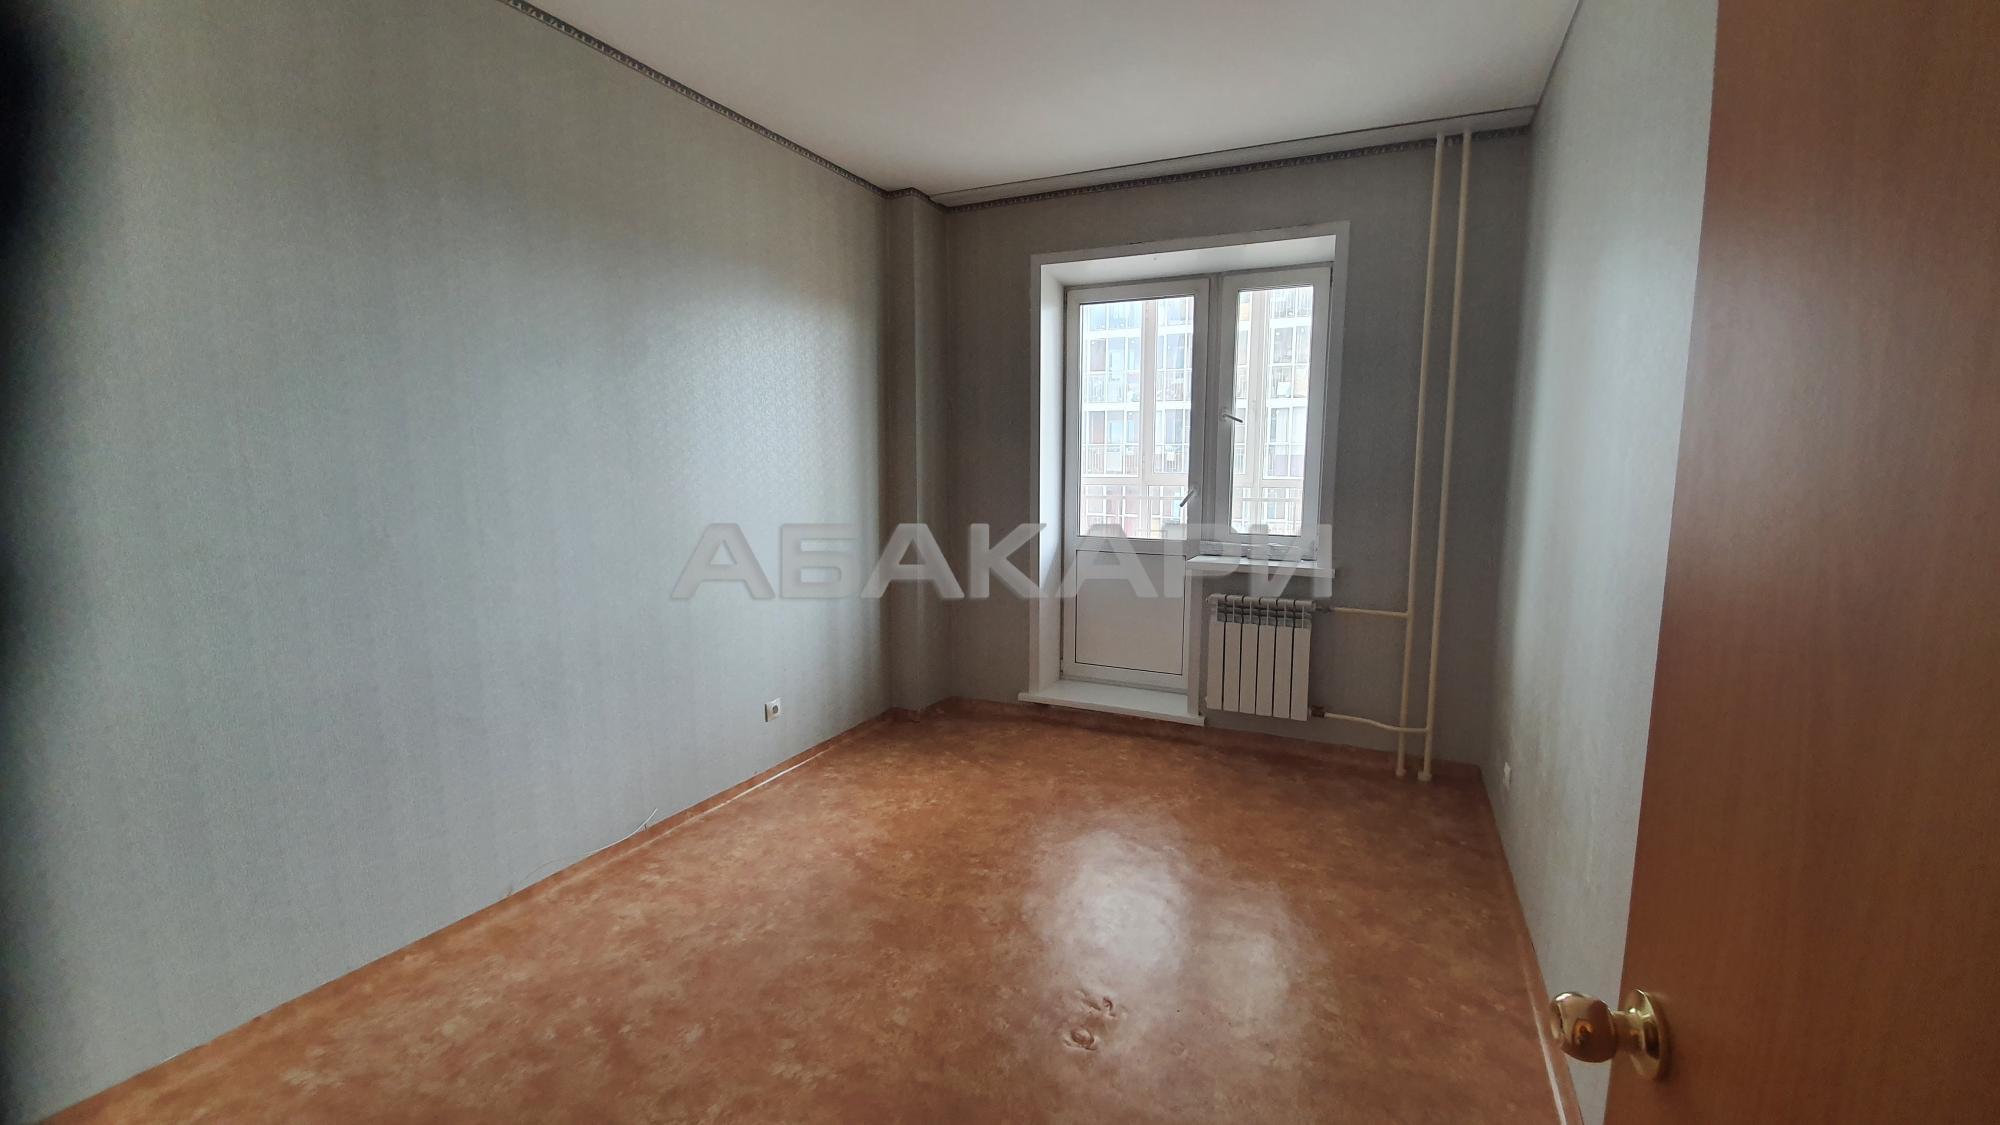 3к квартира улица Калинина, 47И   18000   аренда в Красноярске фото 3